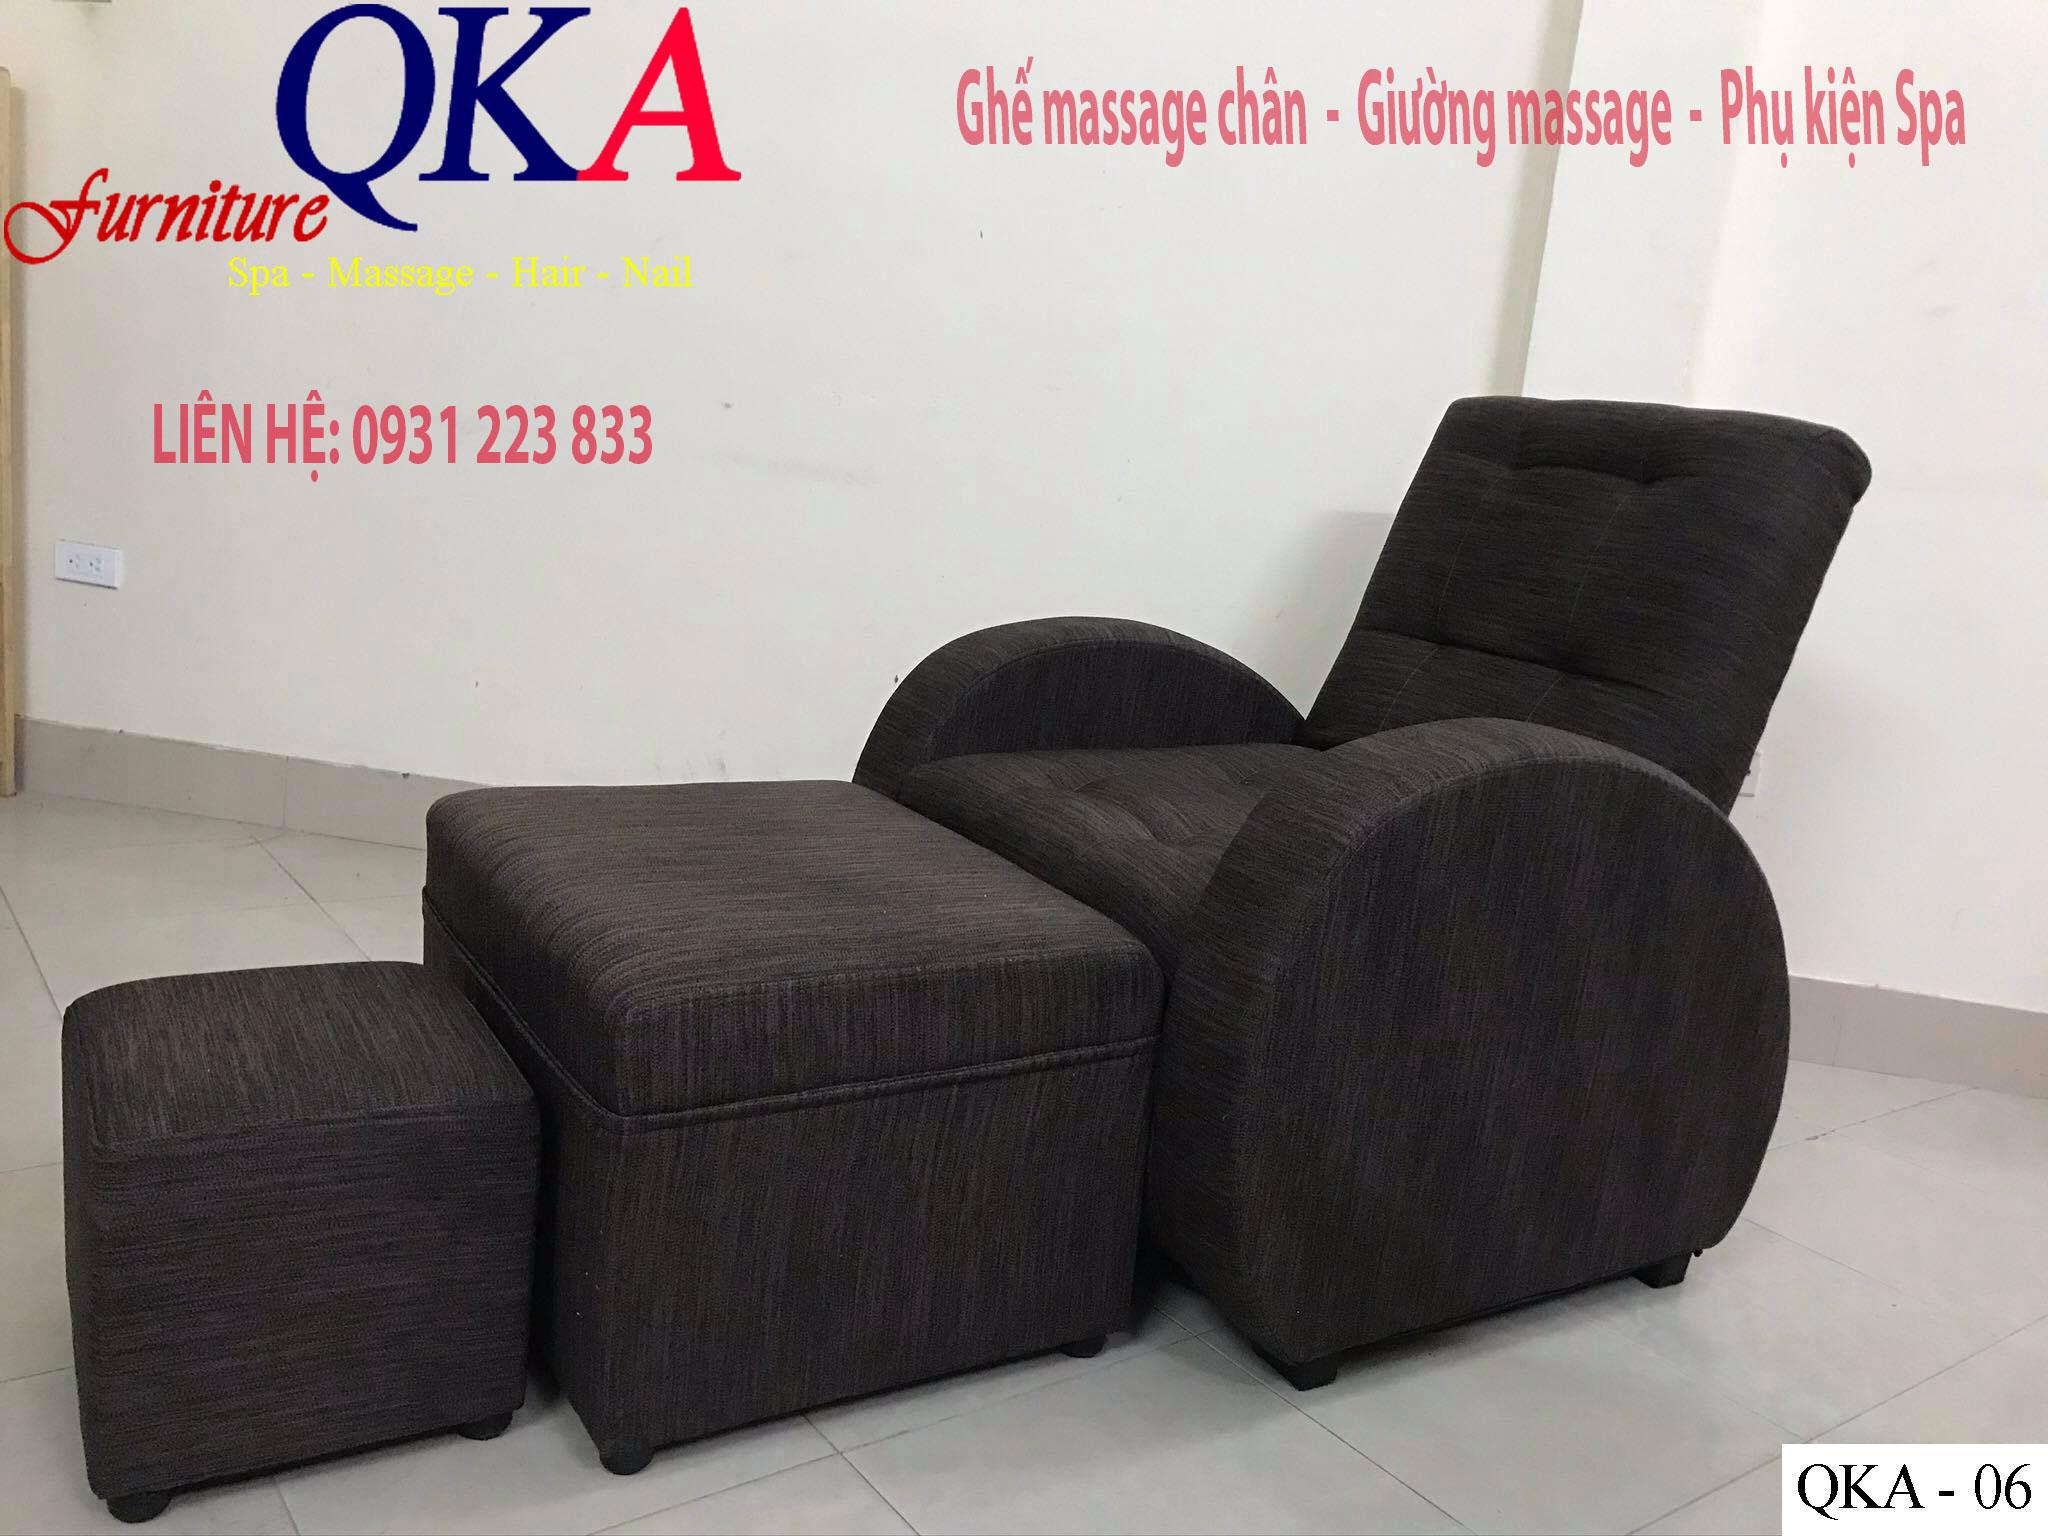 Dịch vụ thiết kế mẫu ghế massage foot theo yêu cầu